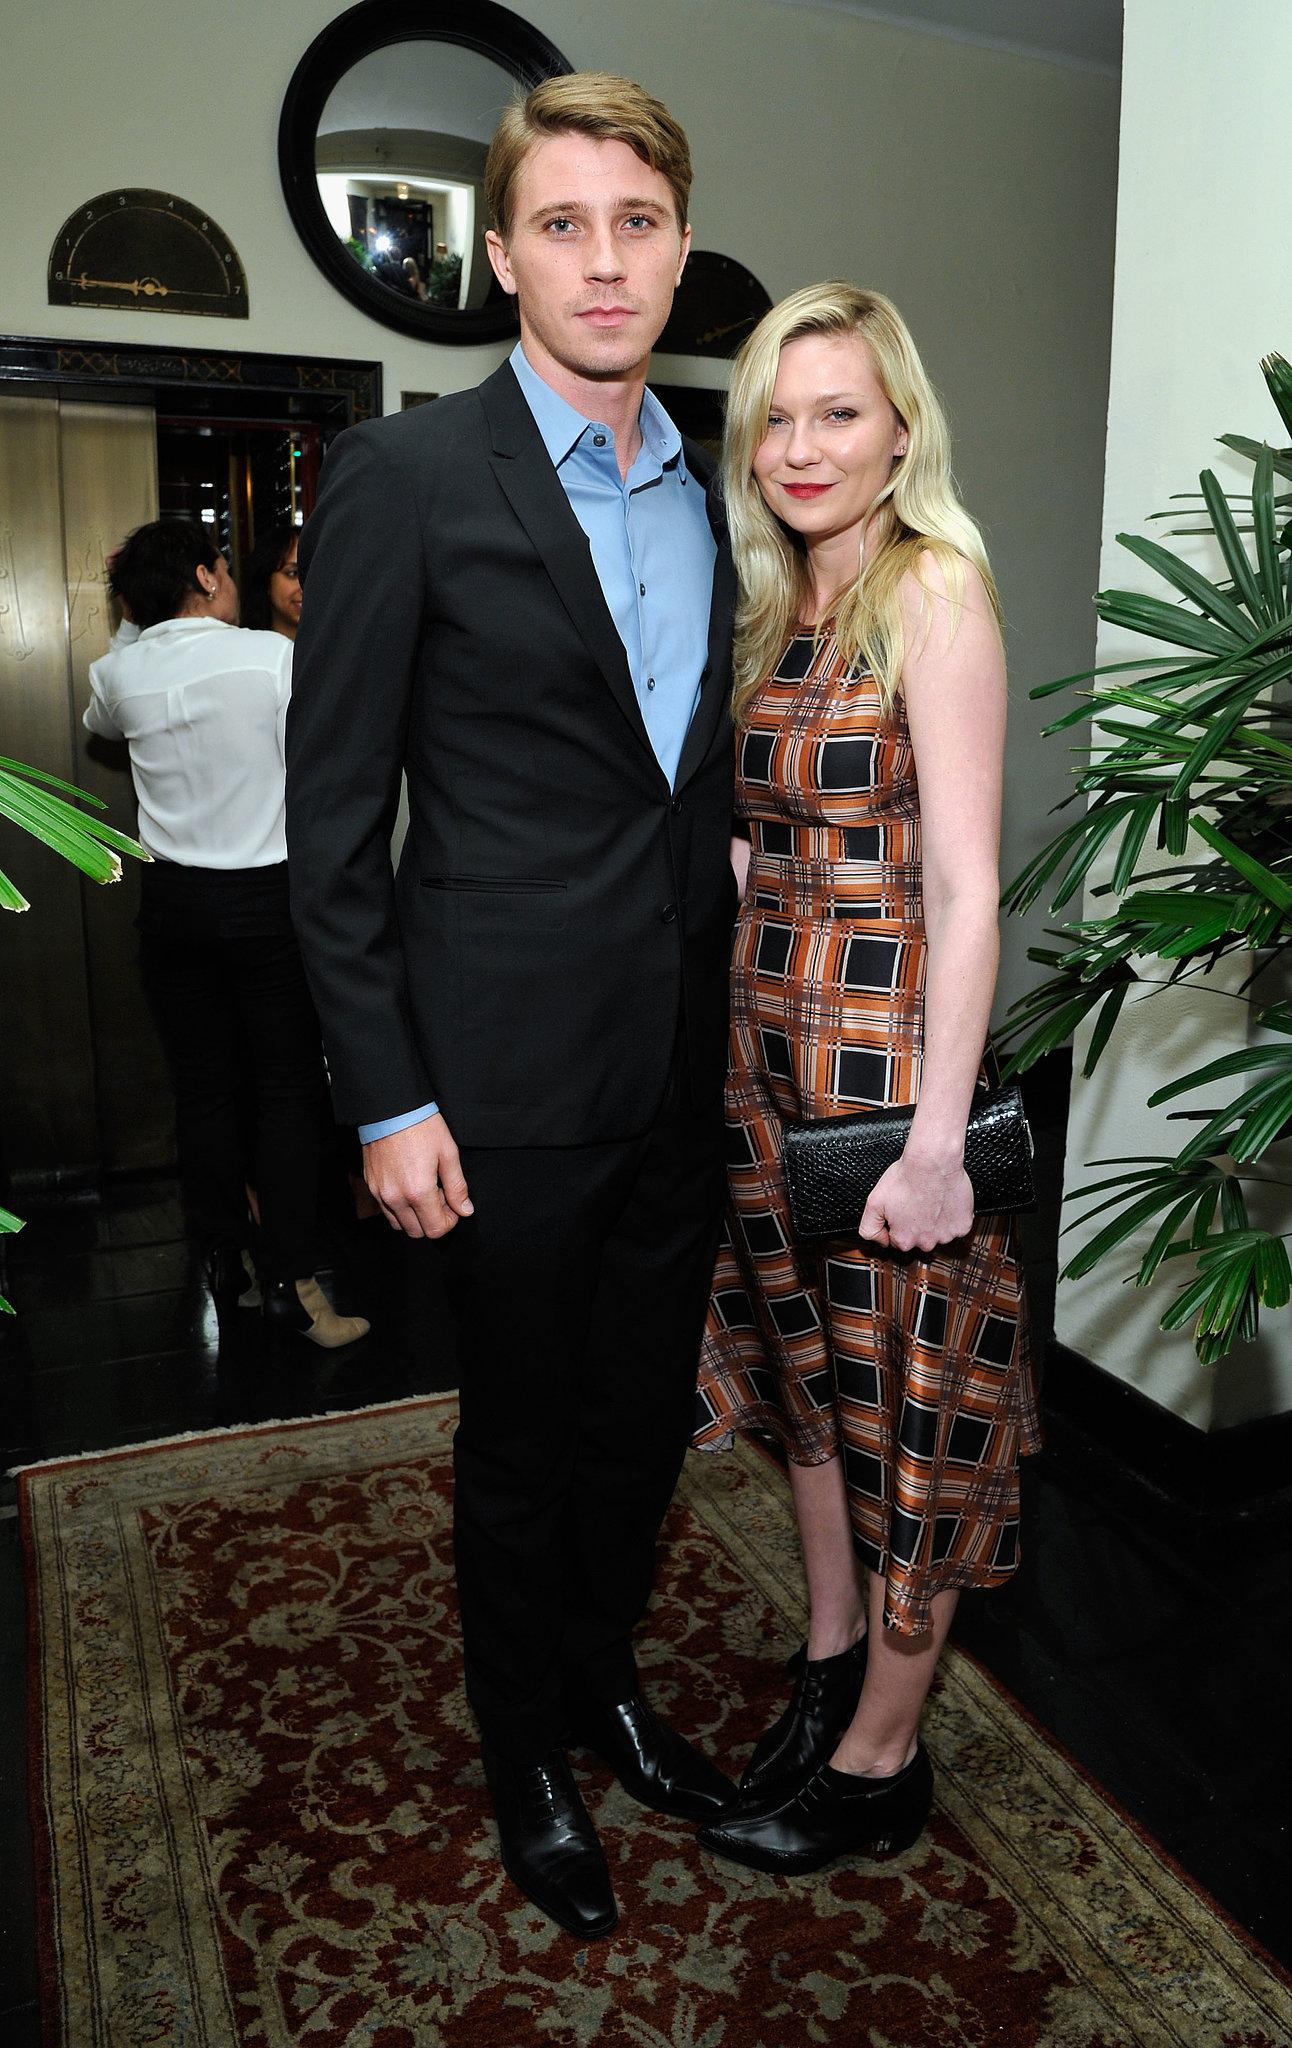 Kirsten Dunst and Garrett Hedlund arrived together.